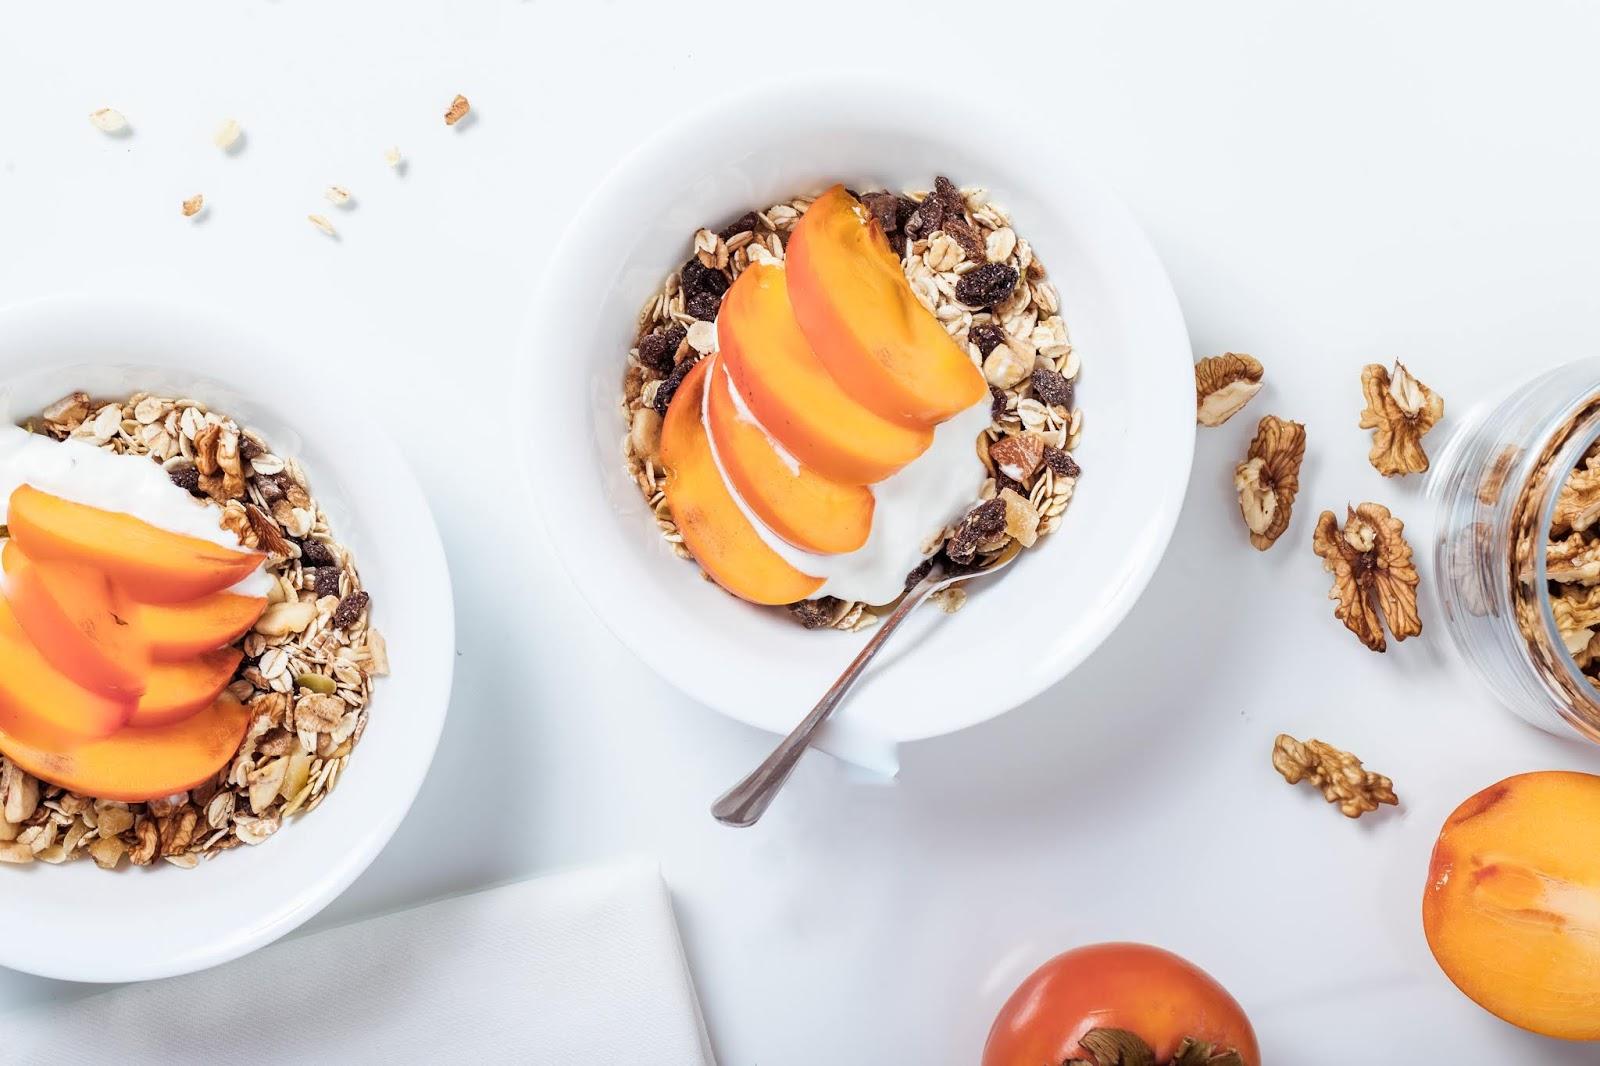 Aus der Küche: Müsli, das gesunde Power-Frühstück | HEIMATLUFT